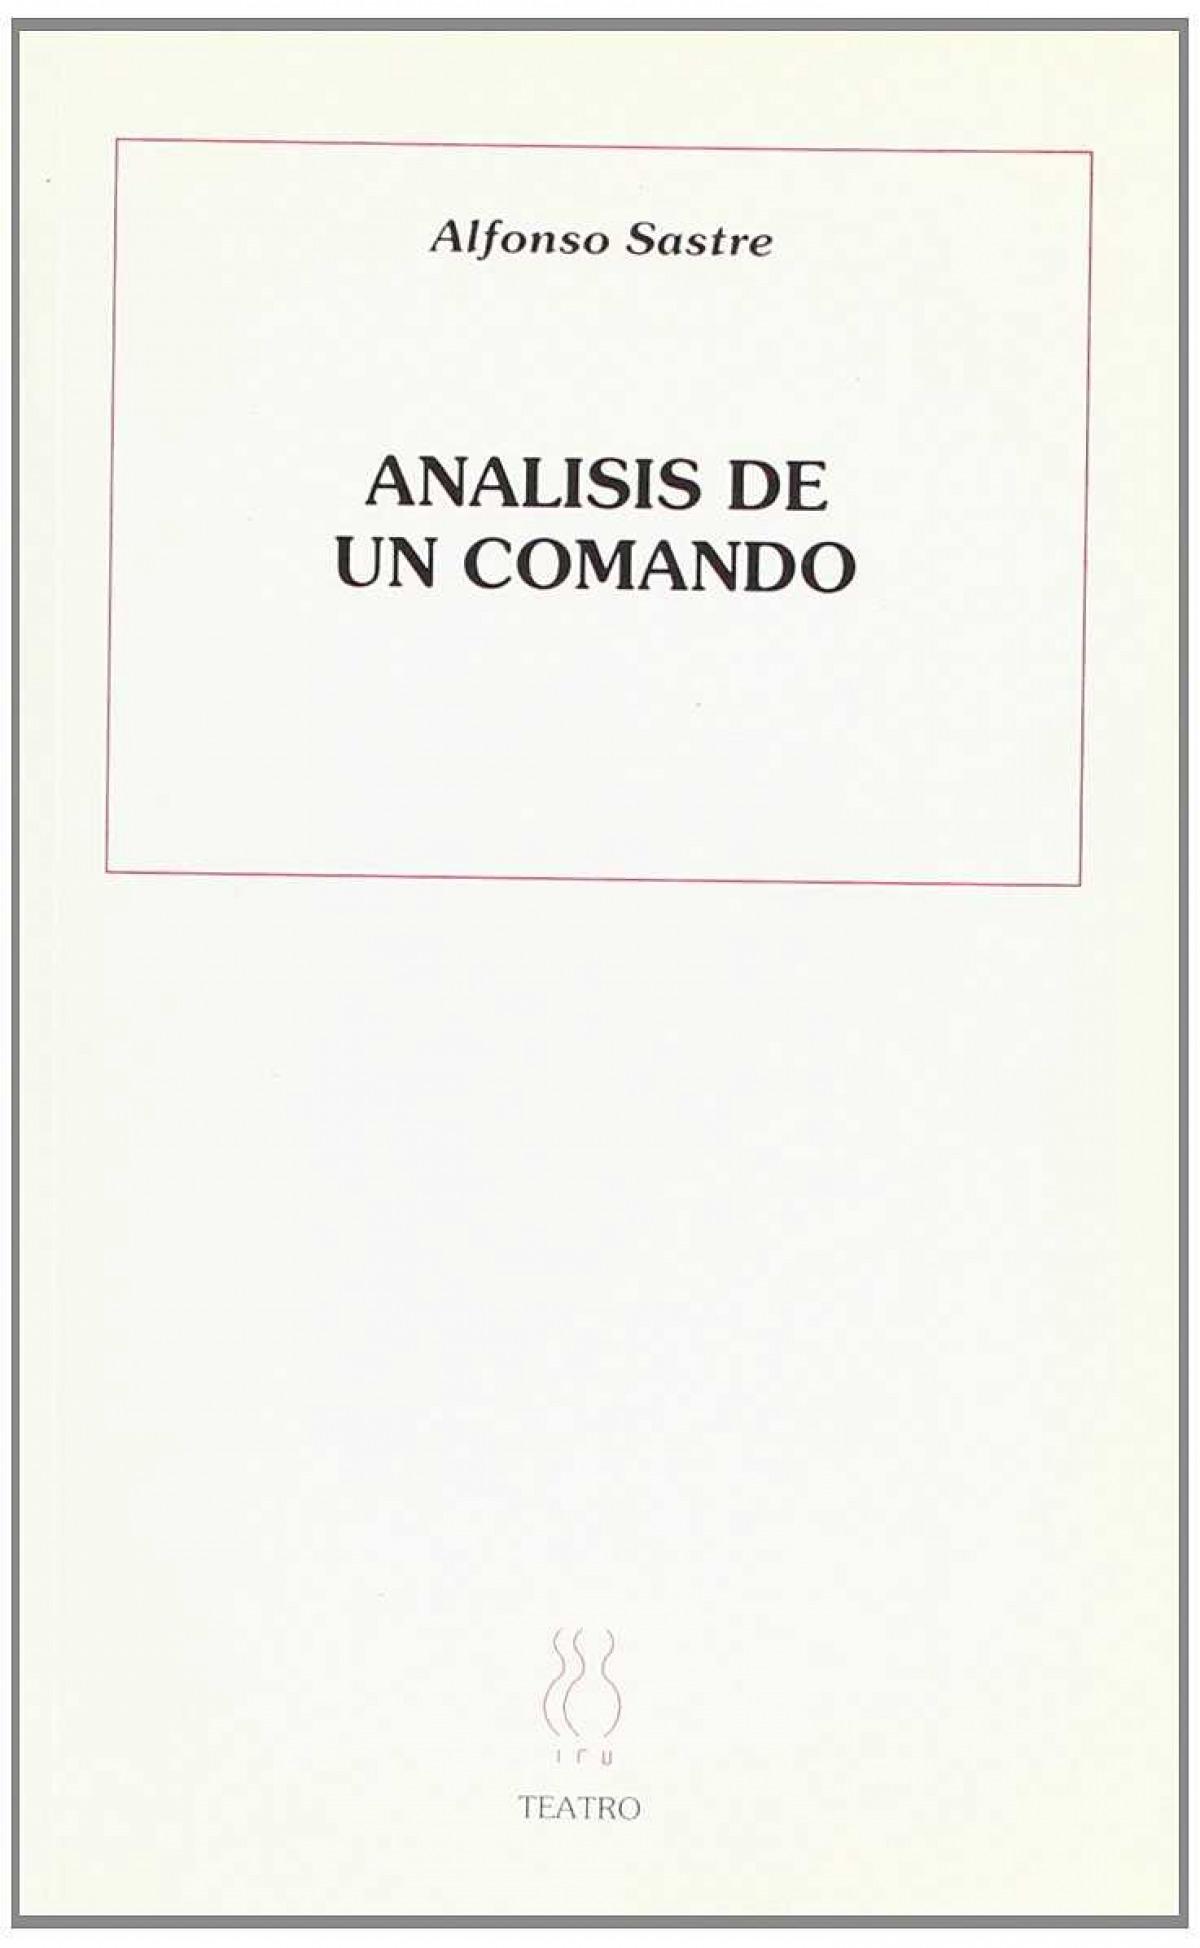 Analisis de un comando